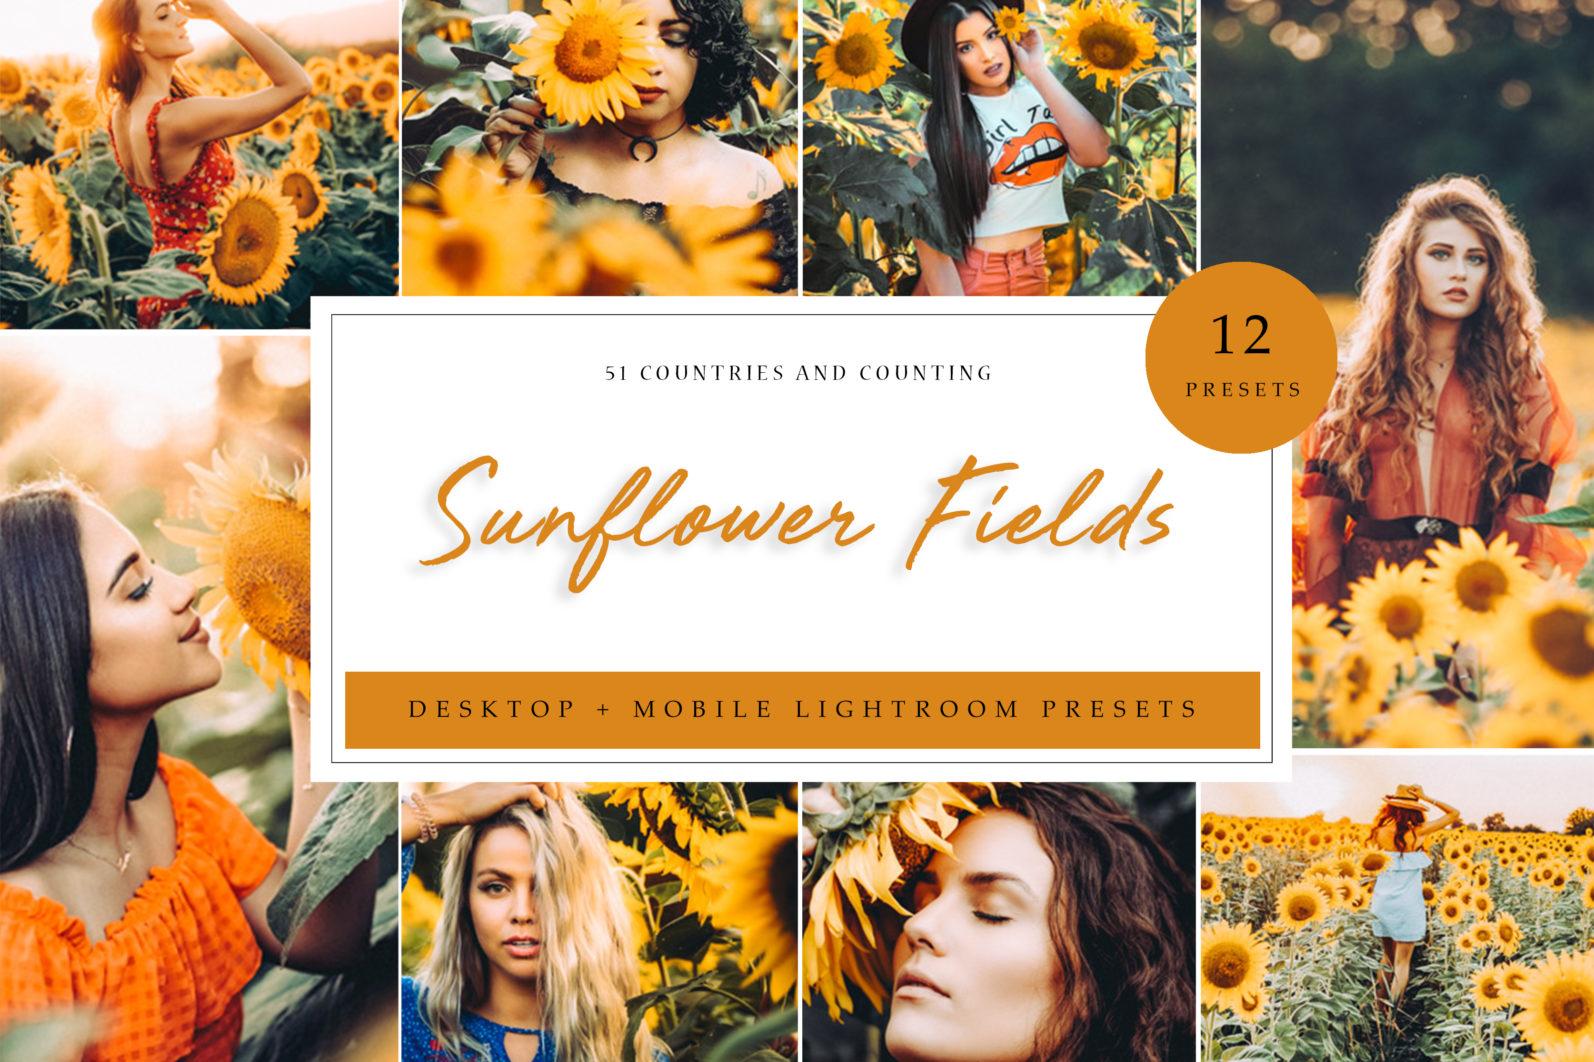 65 x Lightroom Presets (Mobile and Desktop Bundle) inspired by Spring - Sunflower Fields Desktop scaled -